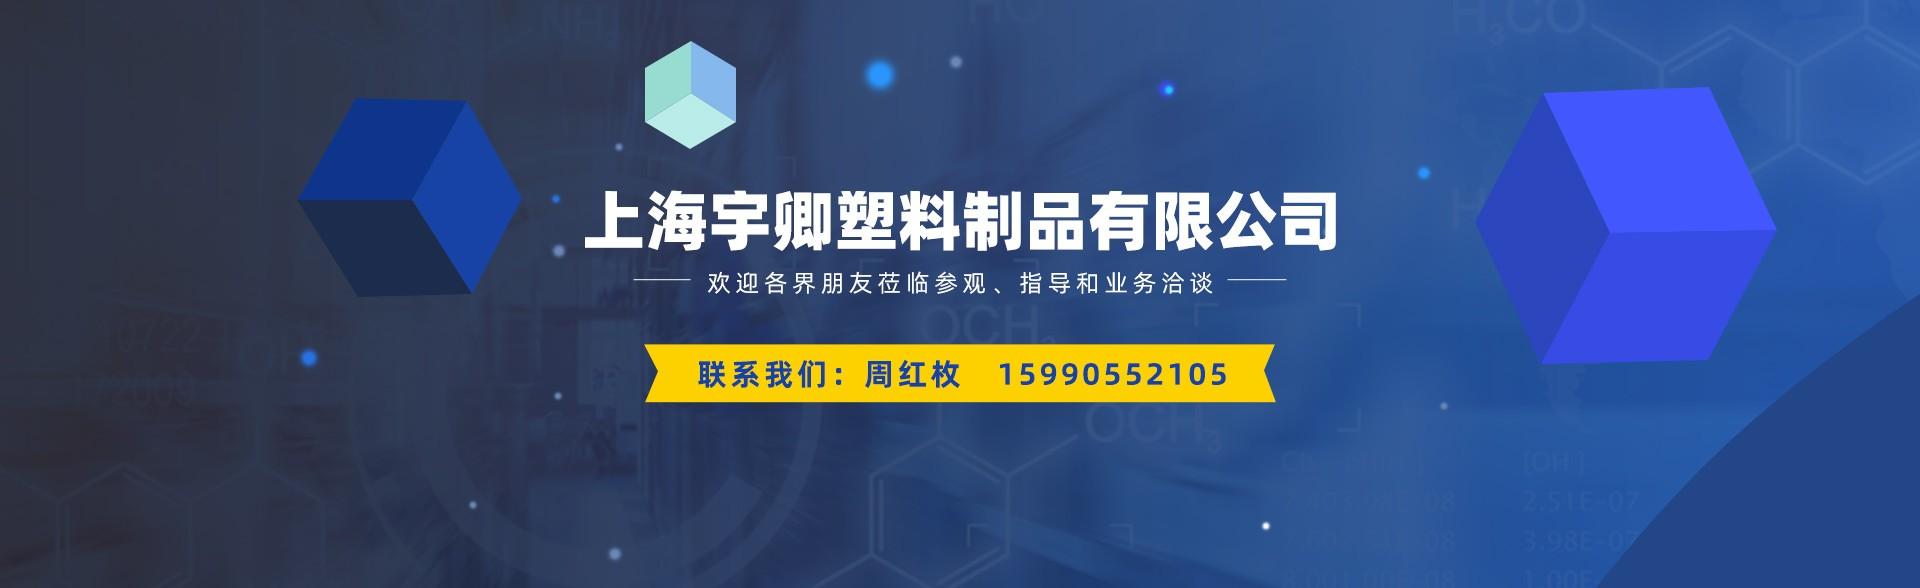 上海宇卿塑料制品有限公司